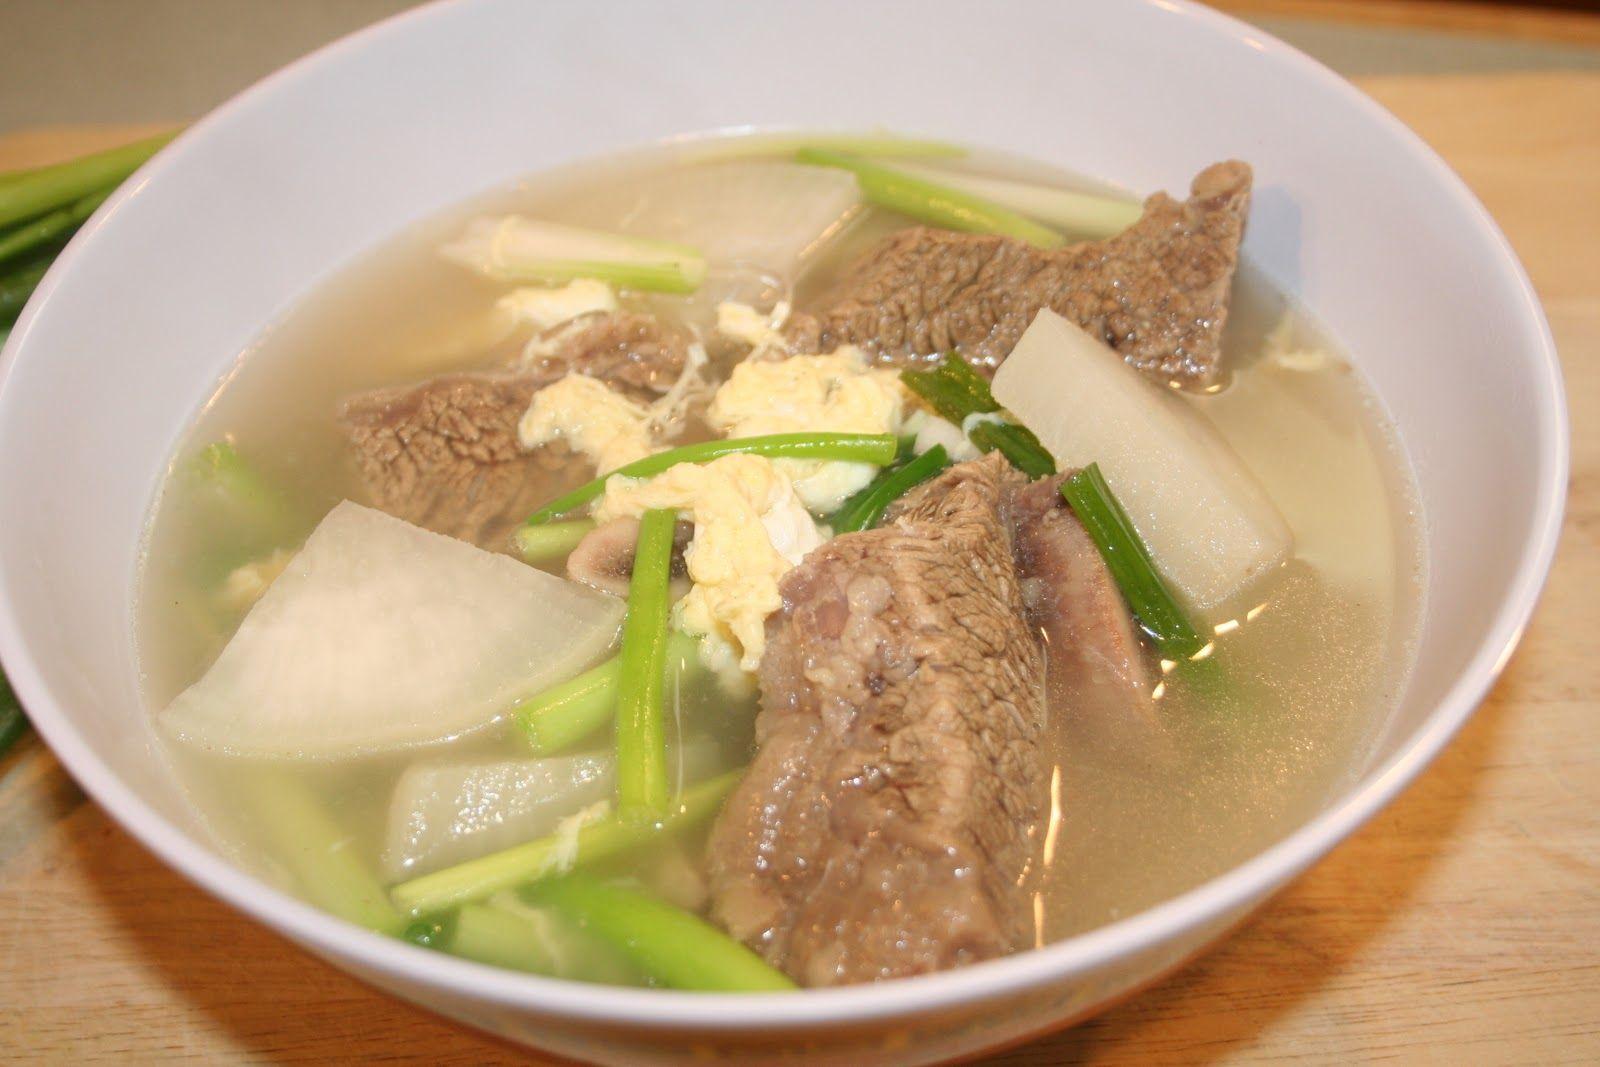 갈비탕 Kalbi Tang - Beef Rib Soup